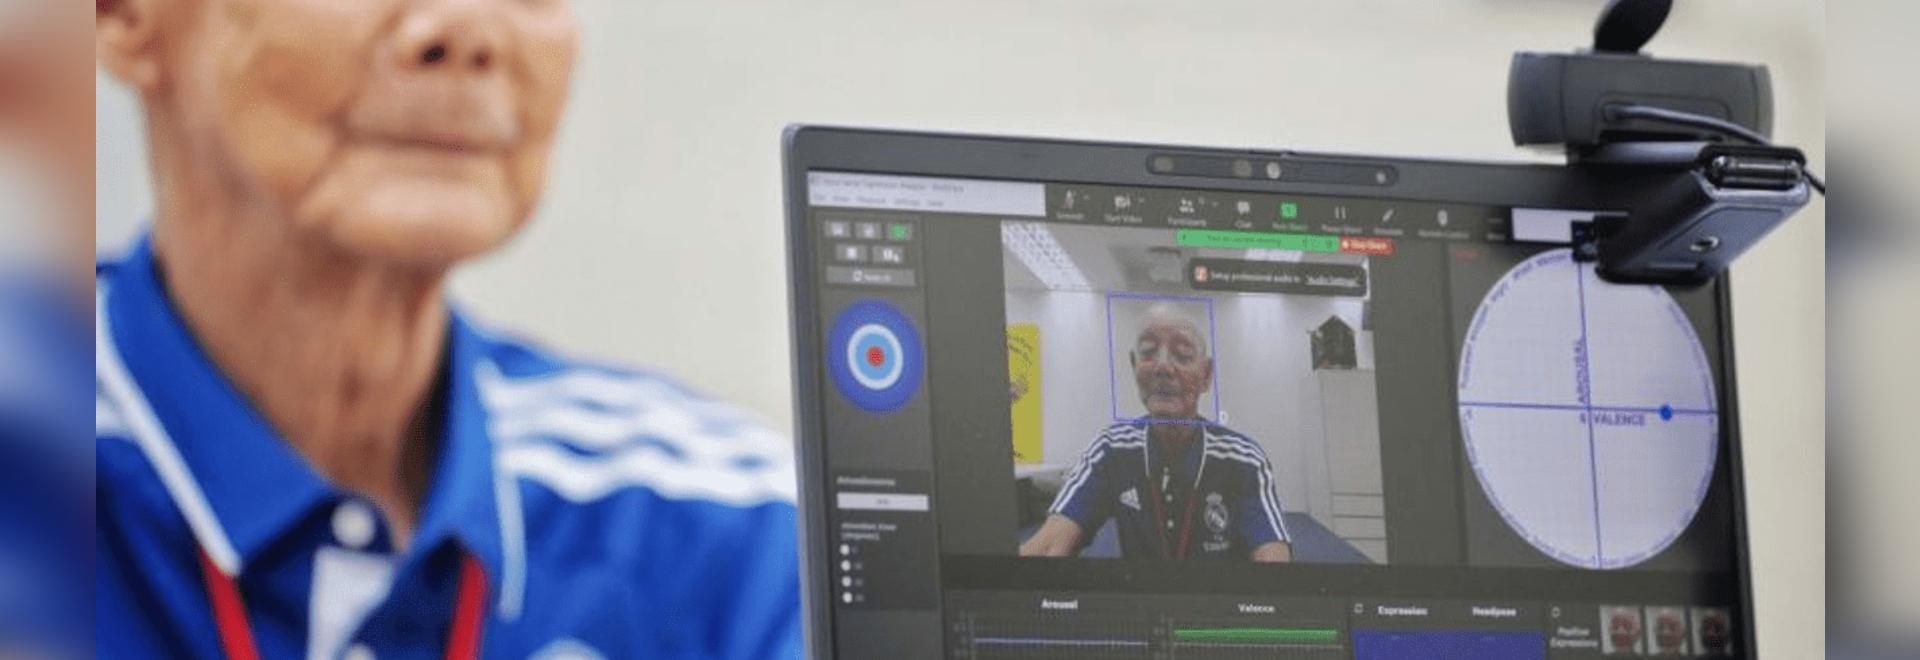 La tecnología de análisis de las emociones impulsada por la IA ayudará a diagnosticar los problemas de salud mental de las personas mayores en Singapur